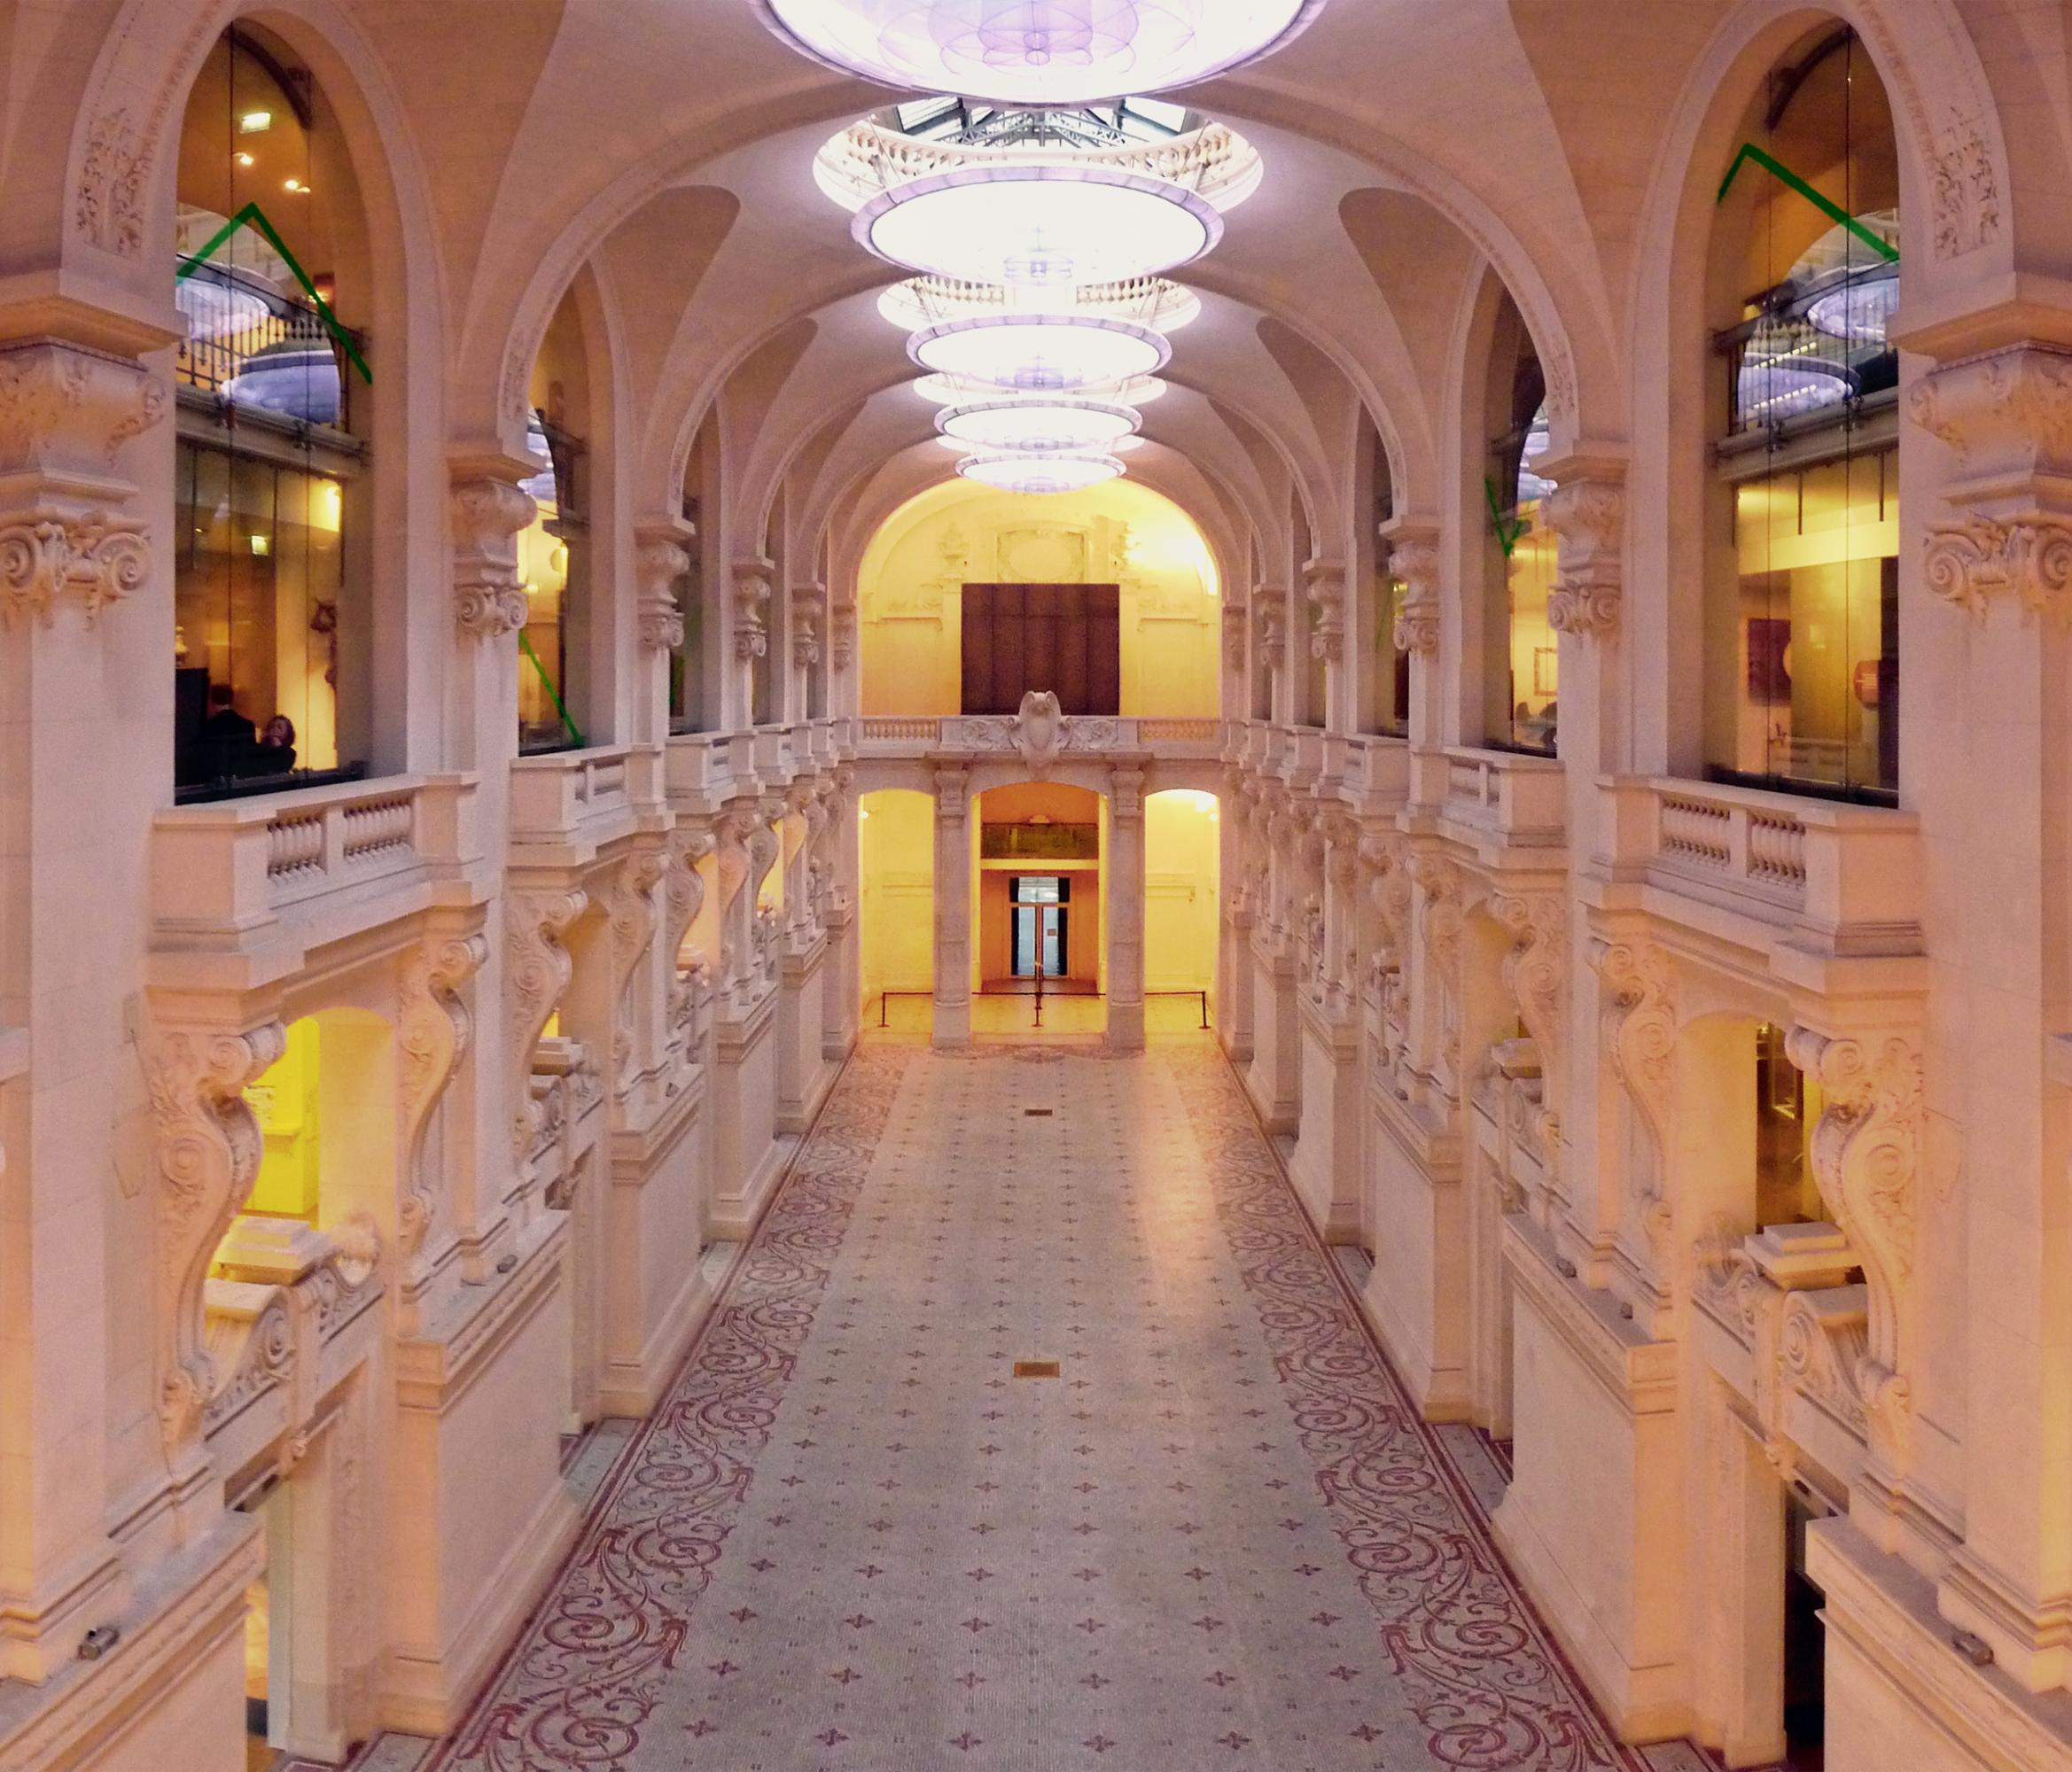 Rue De La Deco musée des arts décoratifs, paris - wikipedia